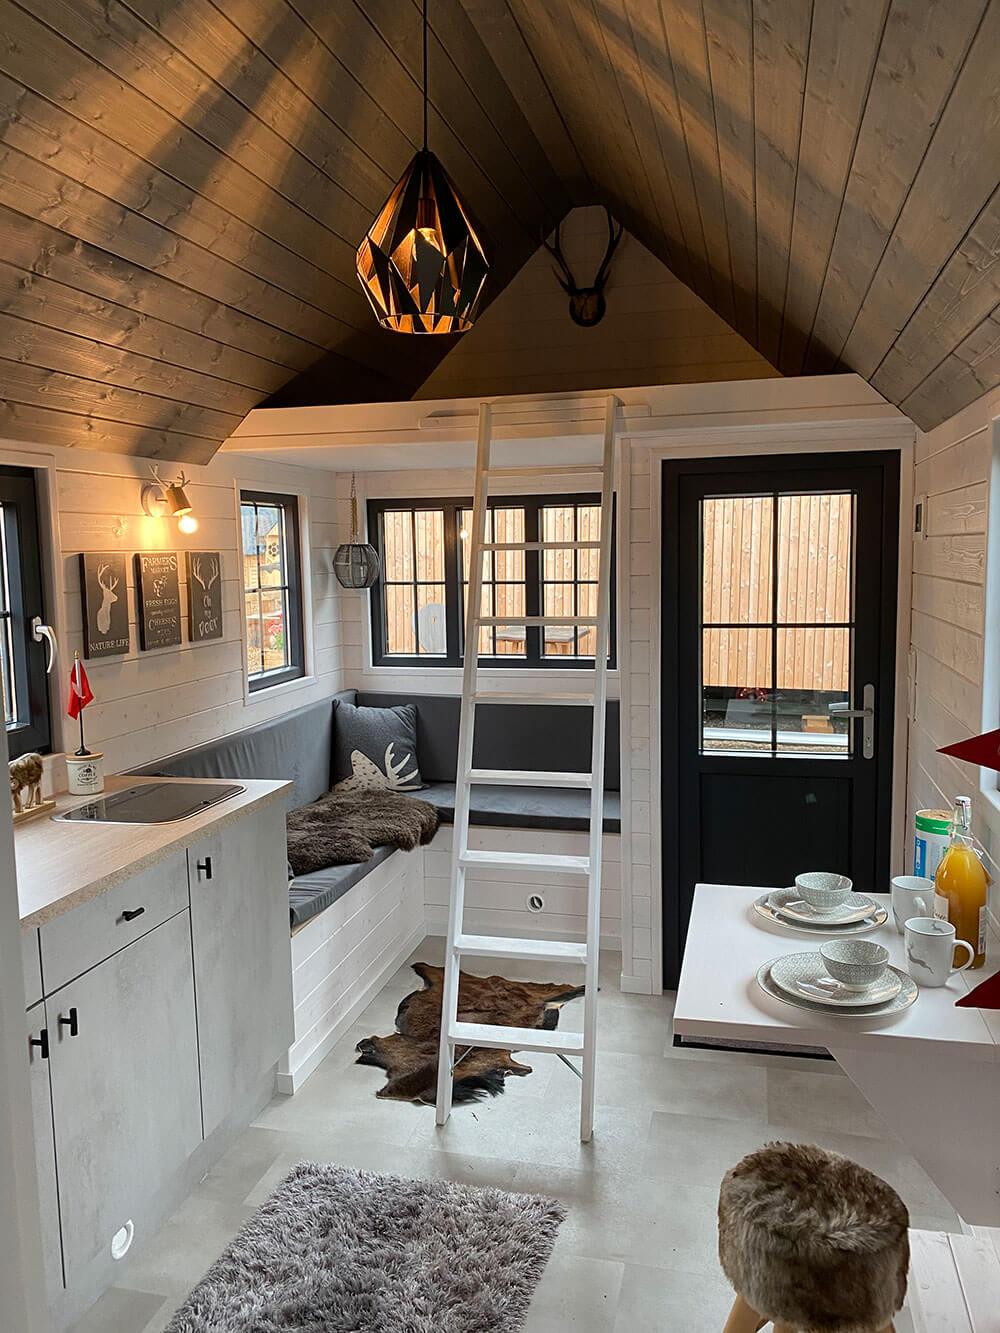 Tiny Haus Schweiz - Mobiles Tiny Haus